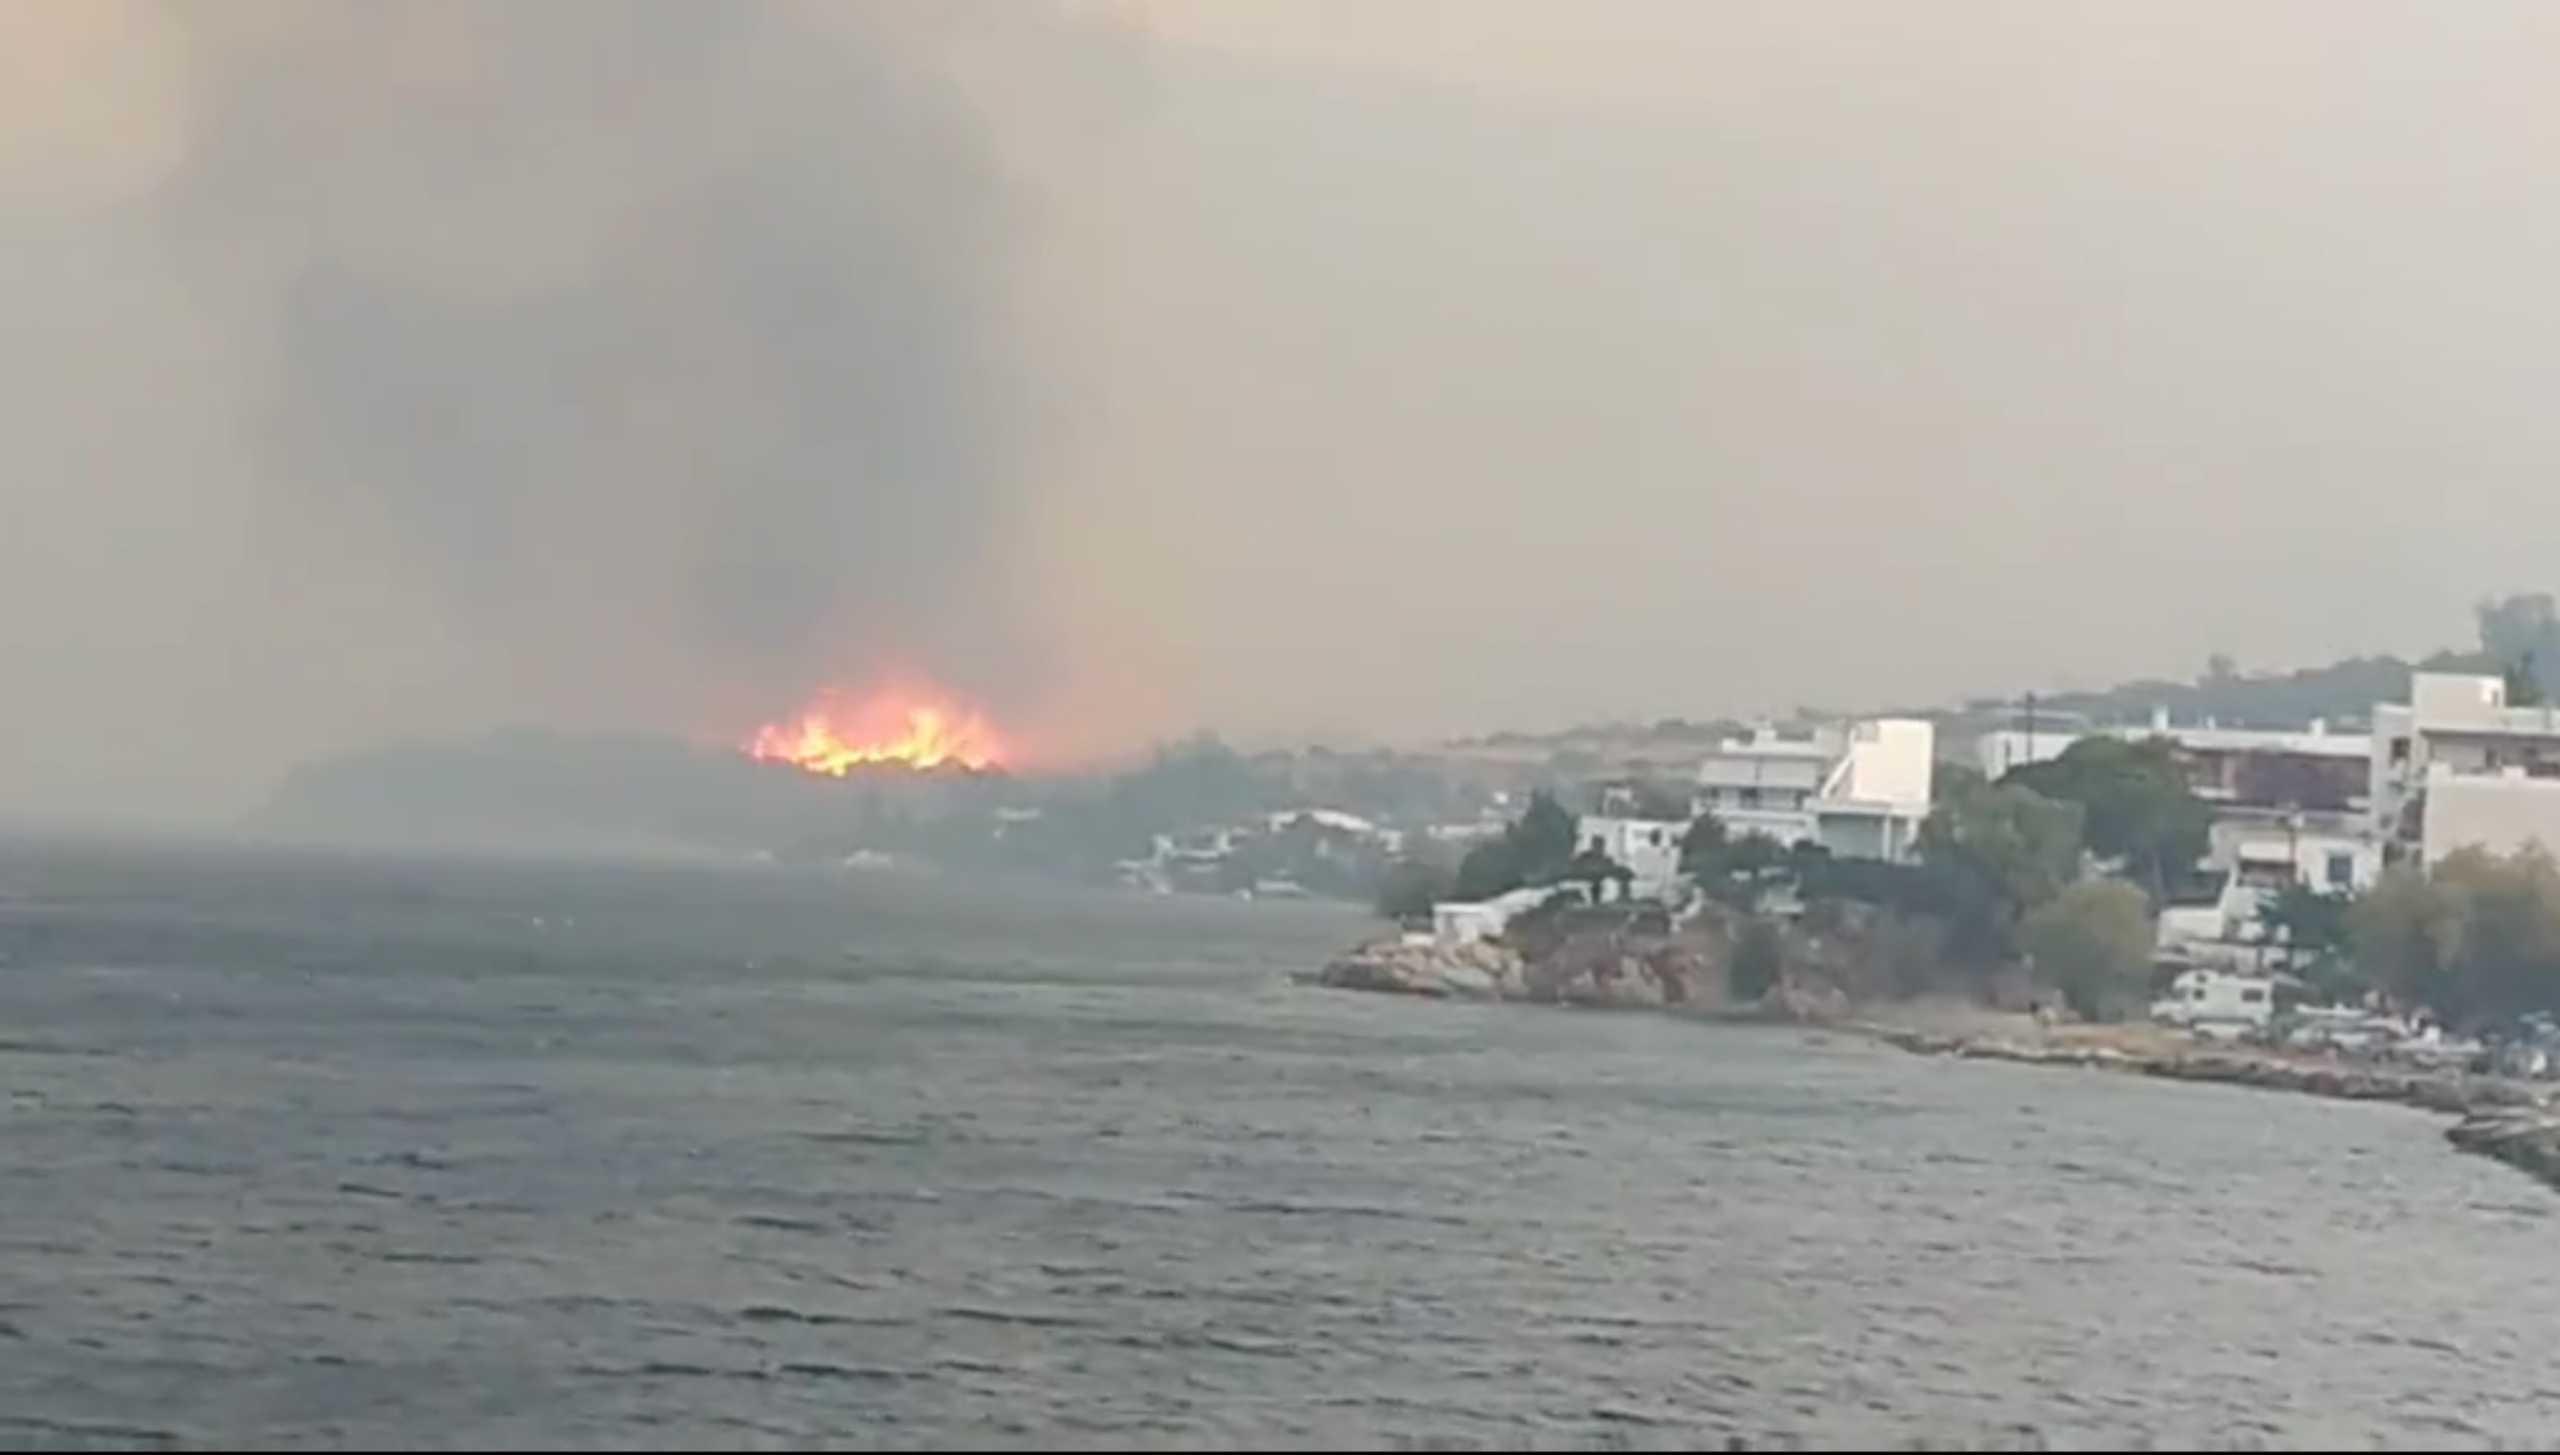 Φωτιά στην Κάρυστο: Διάσπαρτα τα μέτωπα – Σώθηκε το Μαρμάρι, ζημιές σε σπίτια